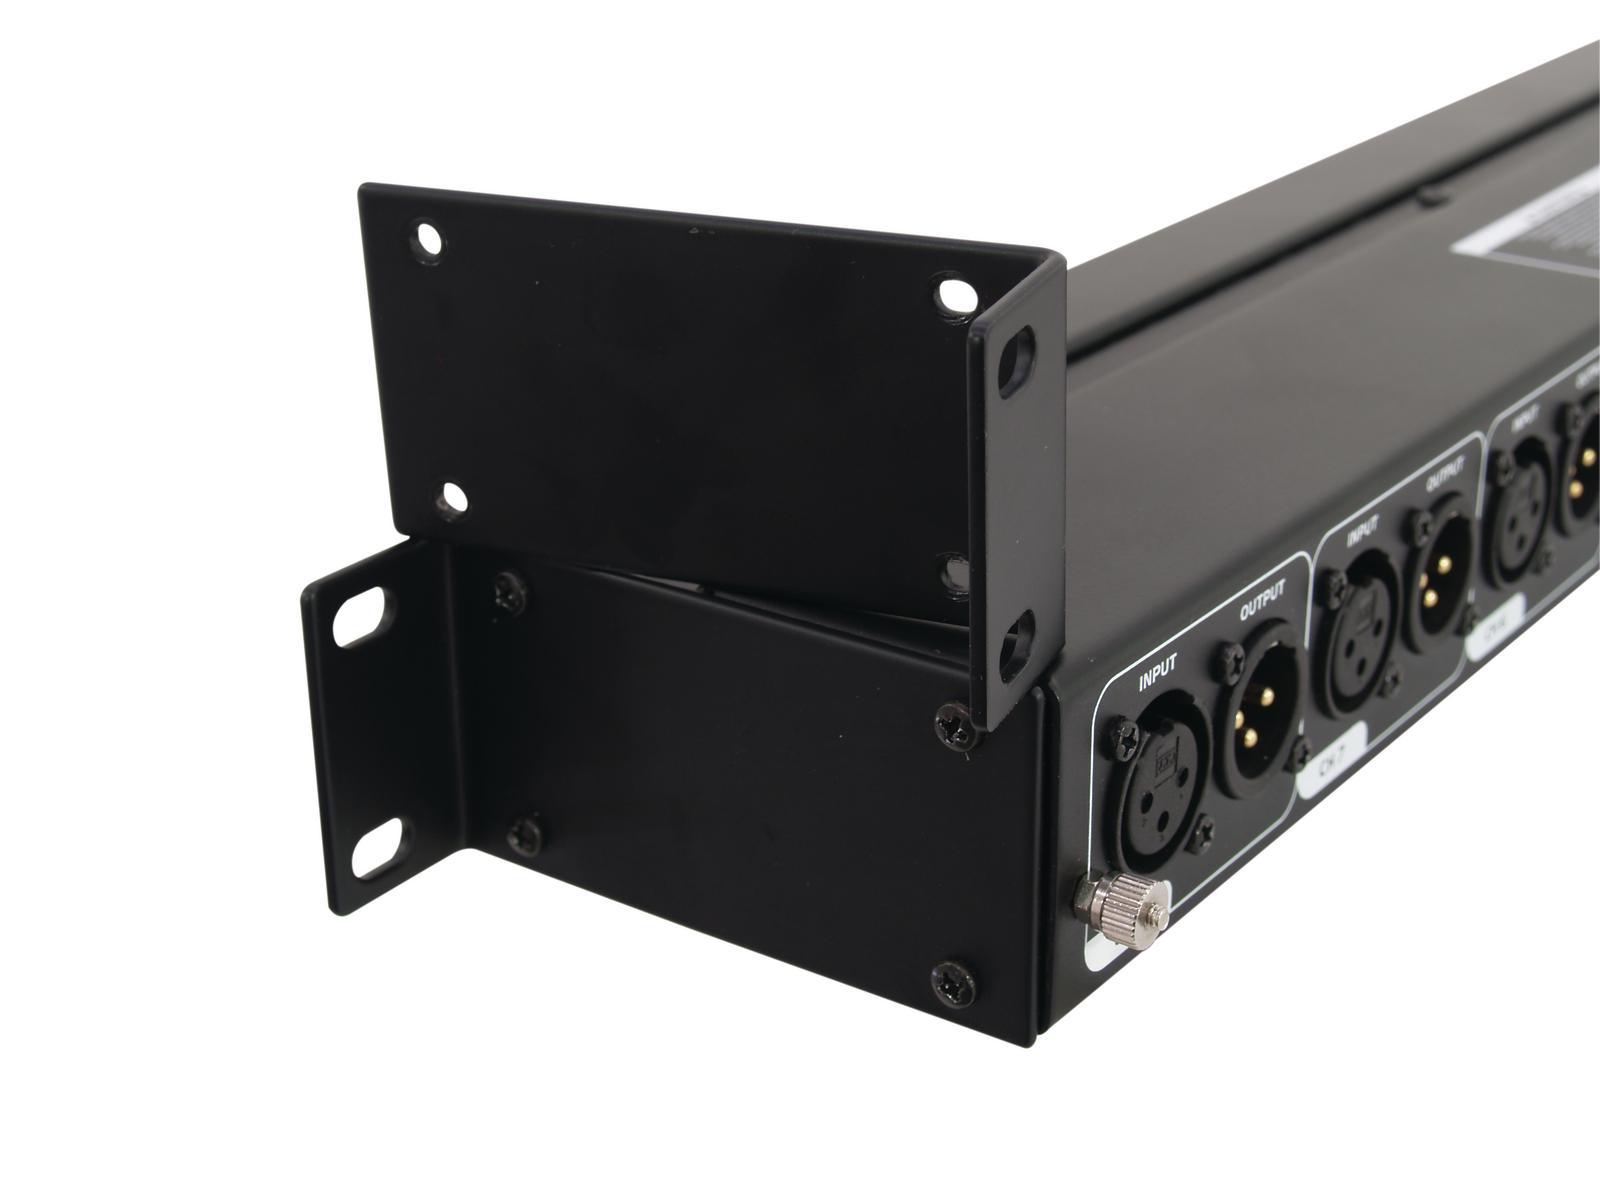 OMNITRONIC TS-8 Isolator/Splitter